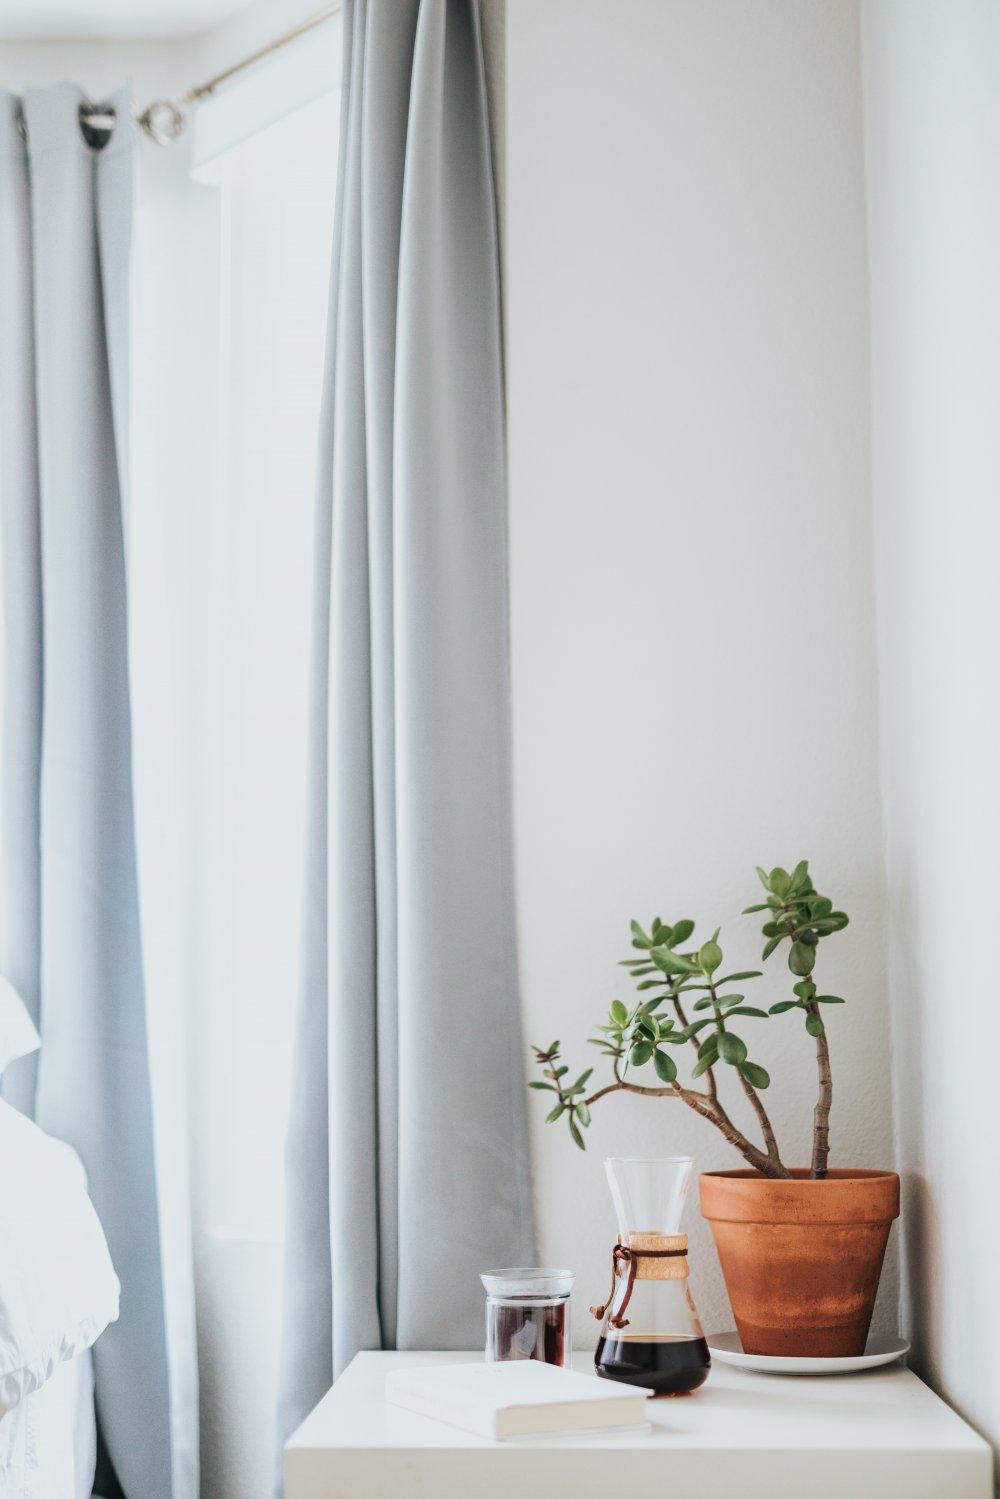 Sådan får du lettest nye gardiner til boligen